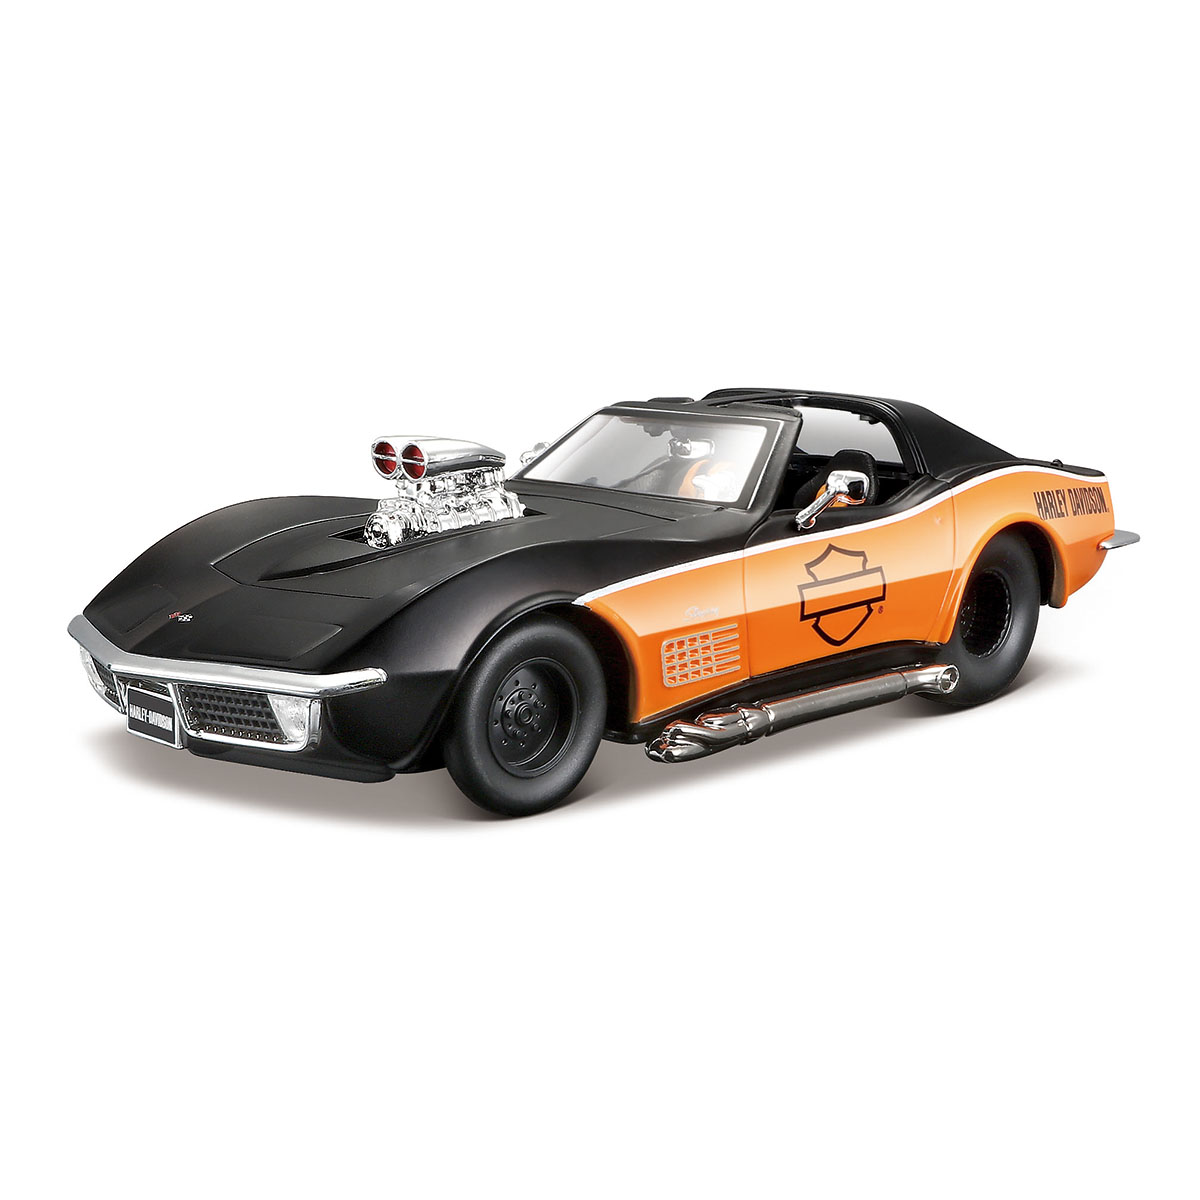 Masinuta Maisto Chevrolet Corvette. 1970. 1:24 Negru